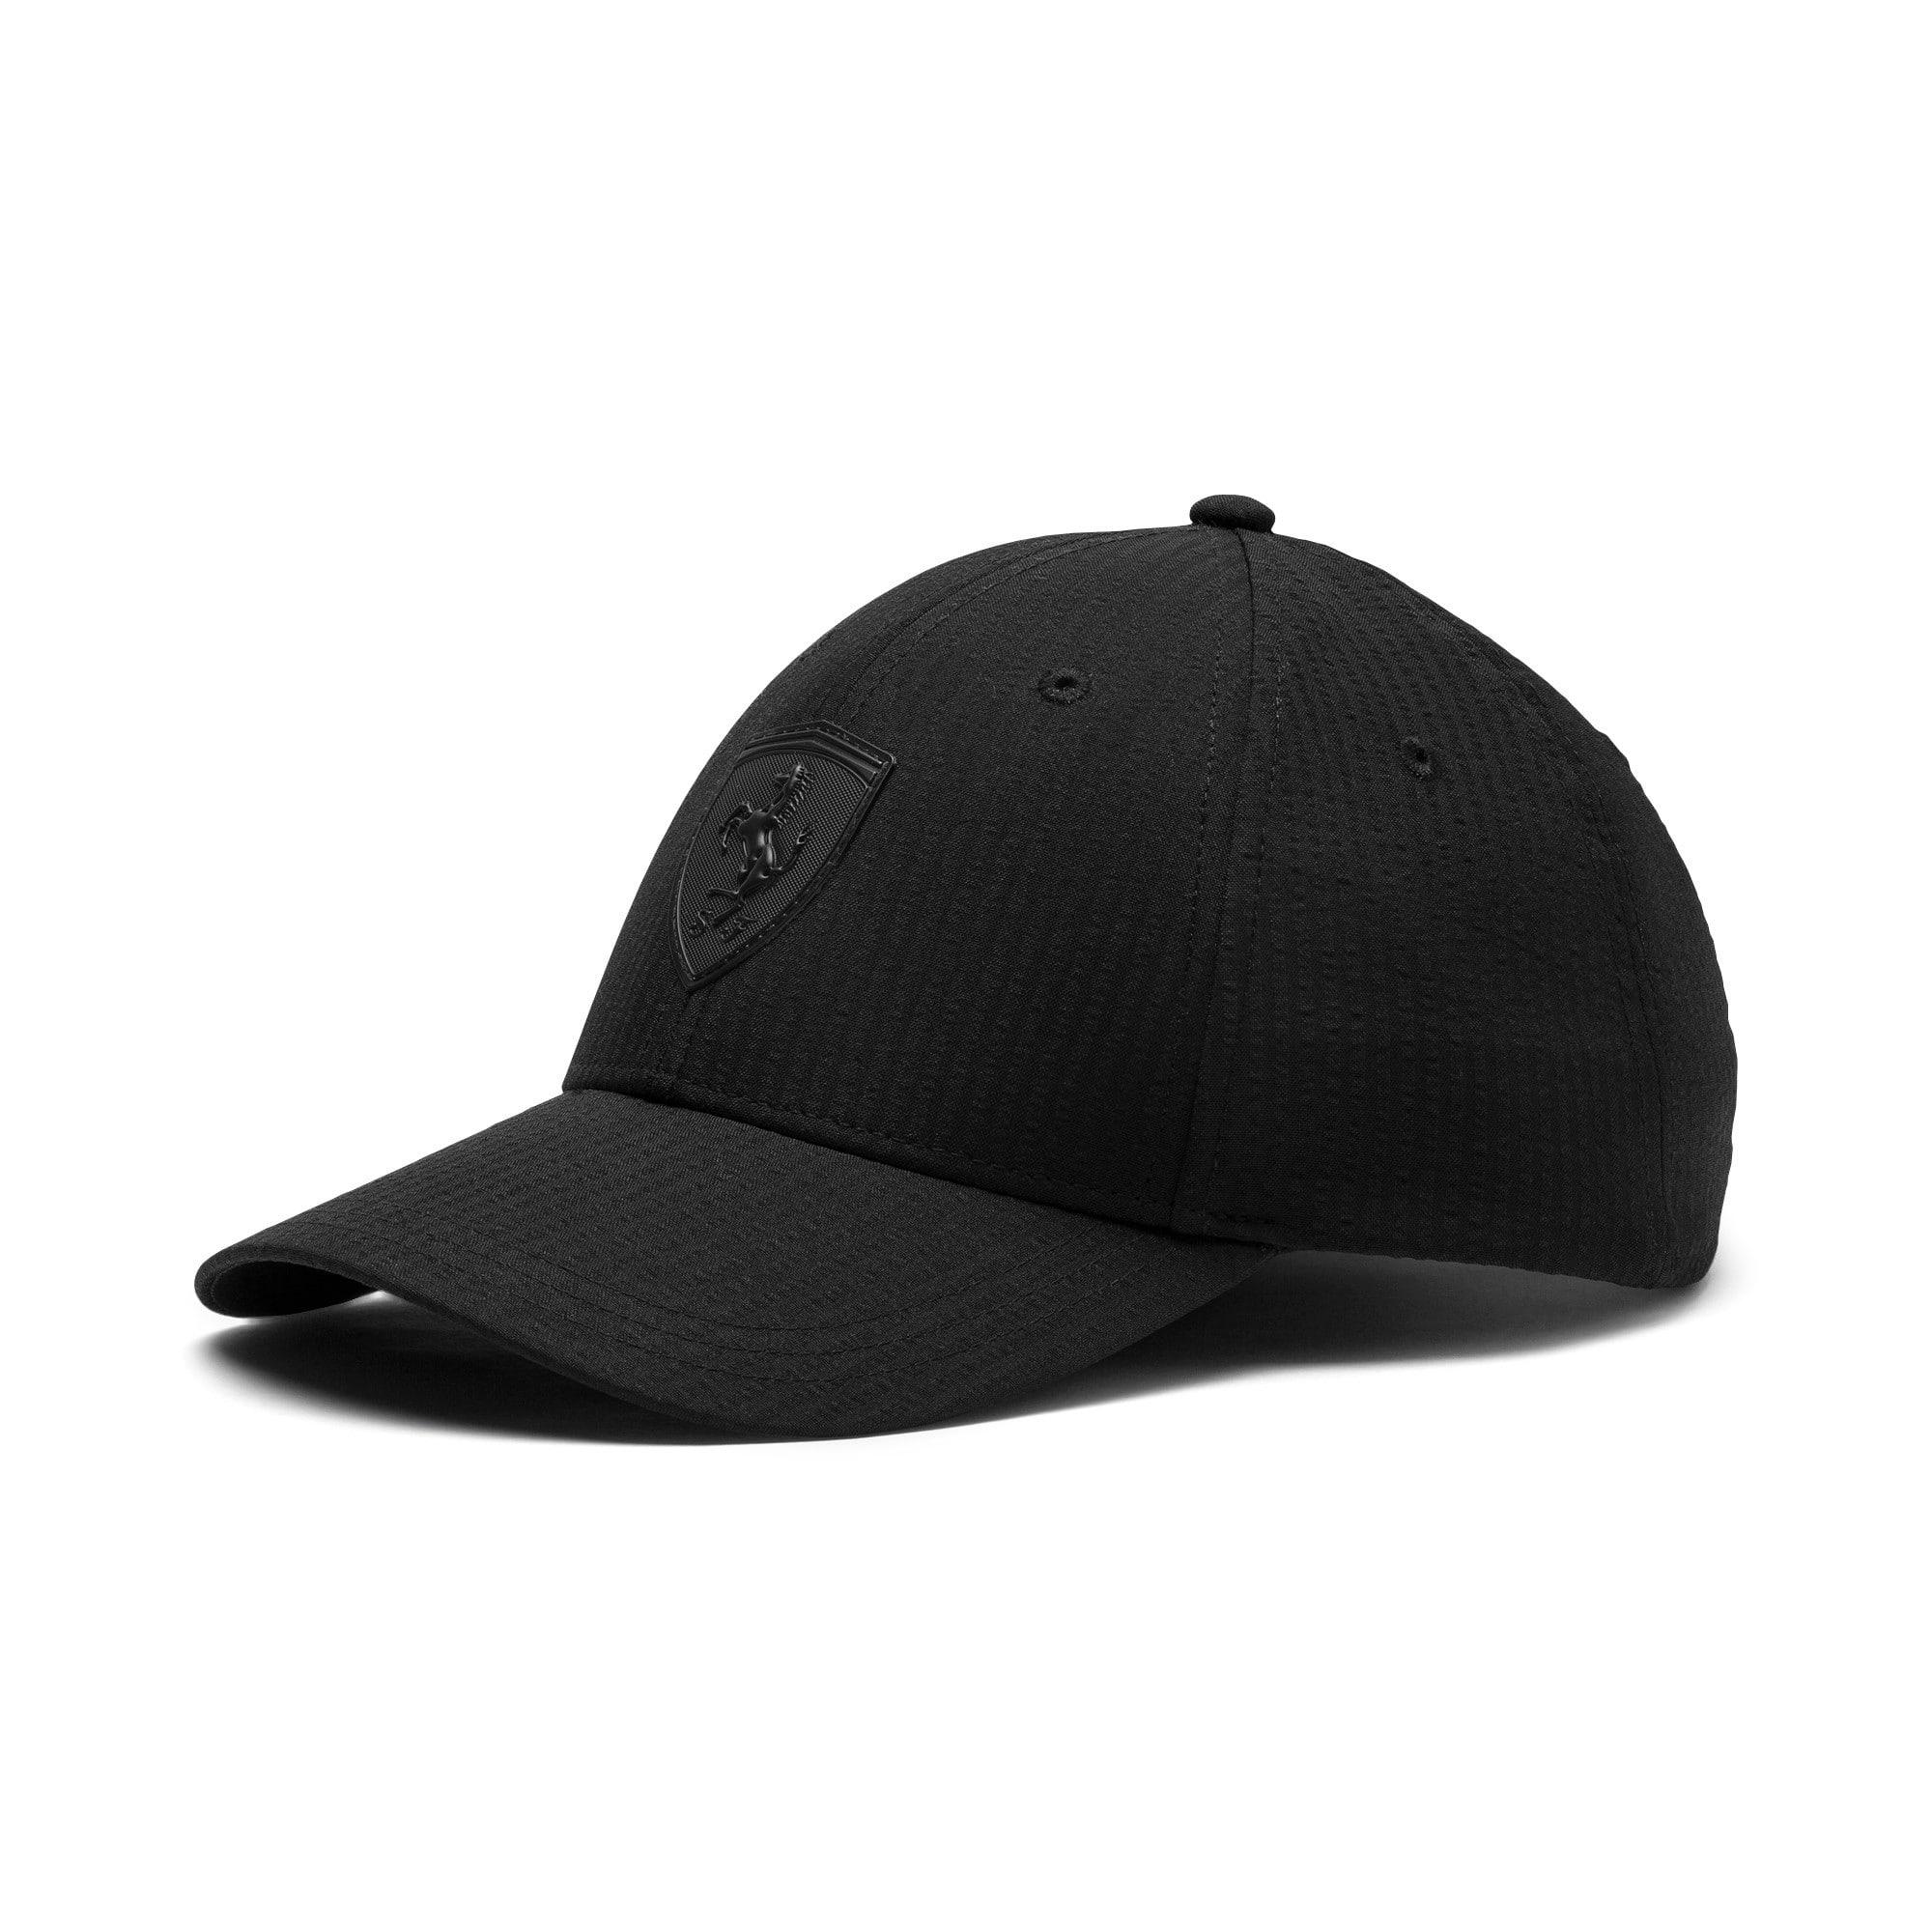 Thumbnail 1 of Ferrari Lifestyle Baseball Cap, Puma Black, medium